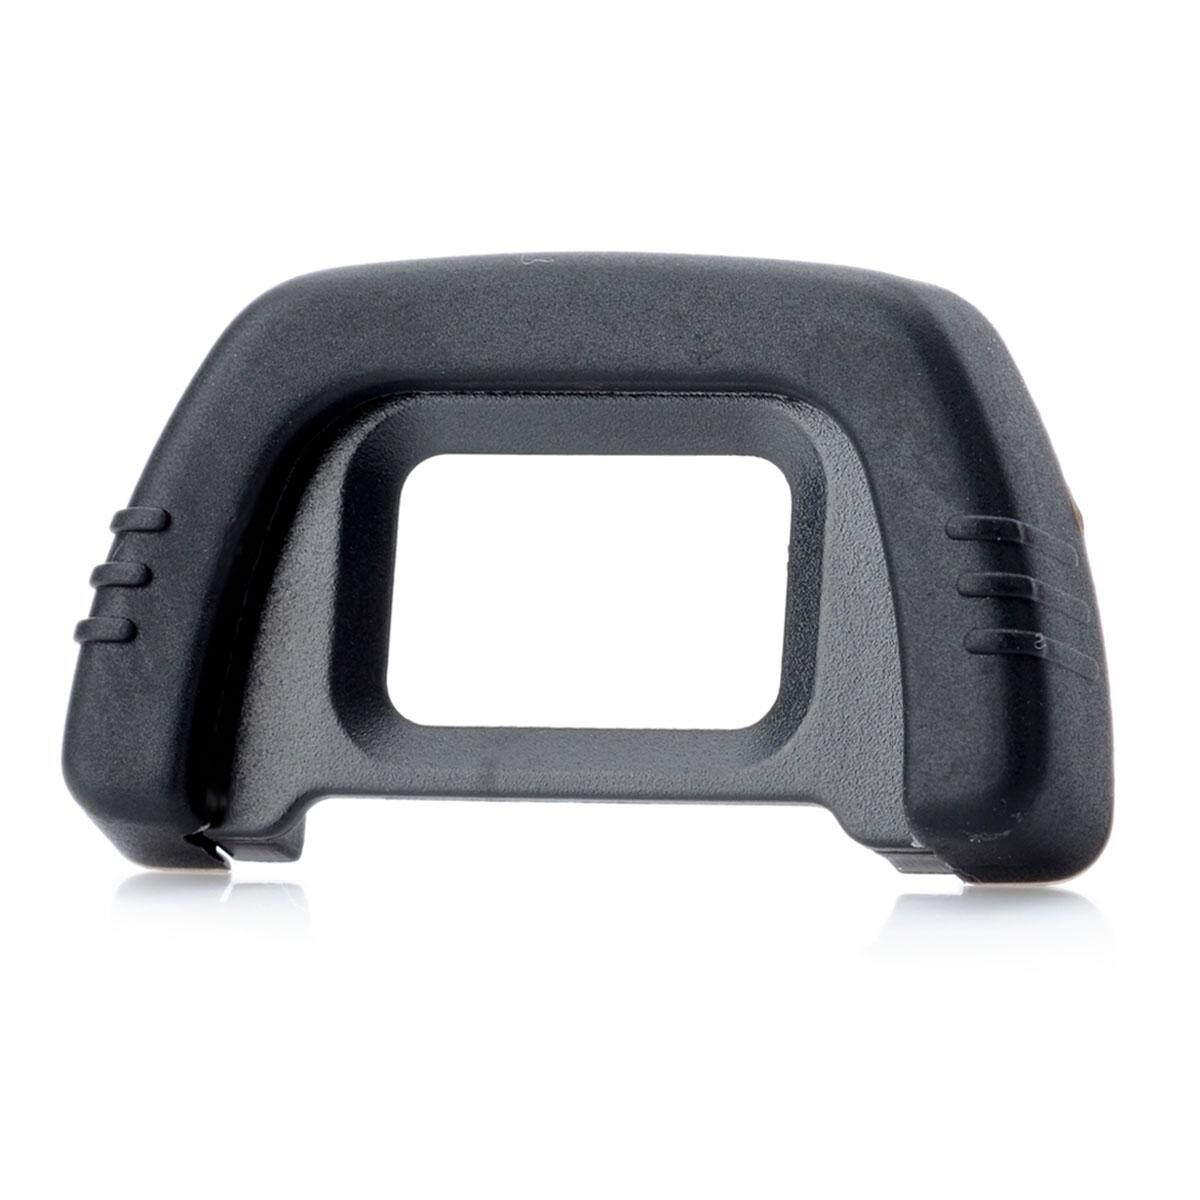 DK-21 Rubber Eye Cup Eyepiece for Nikon D300, D200, D90, D80 - Black